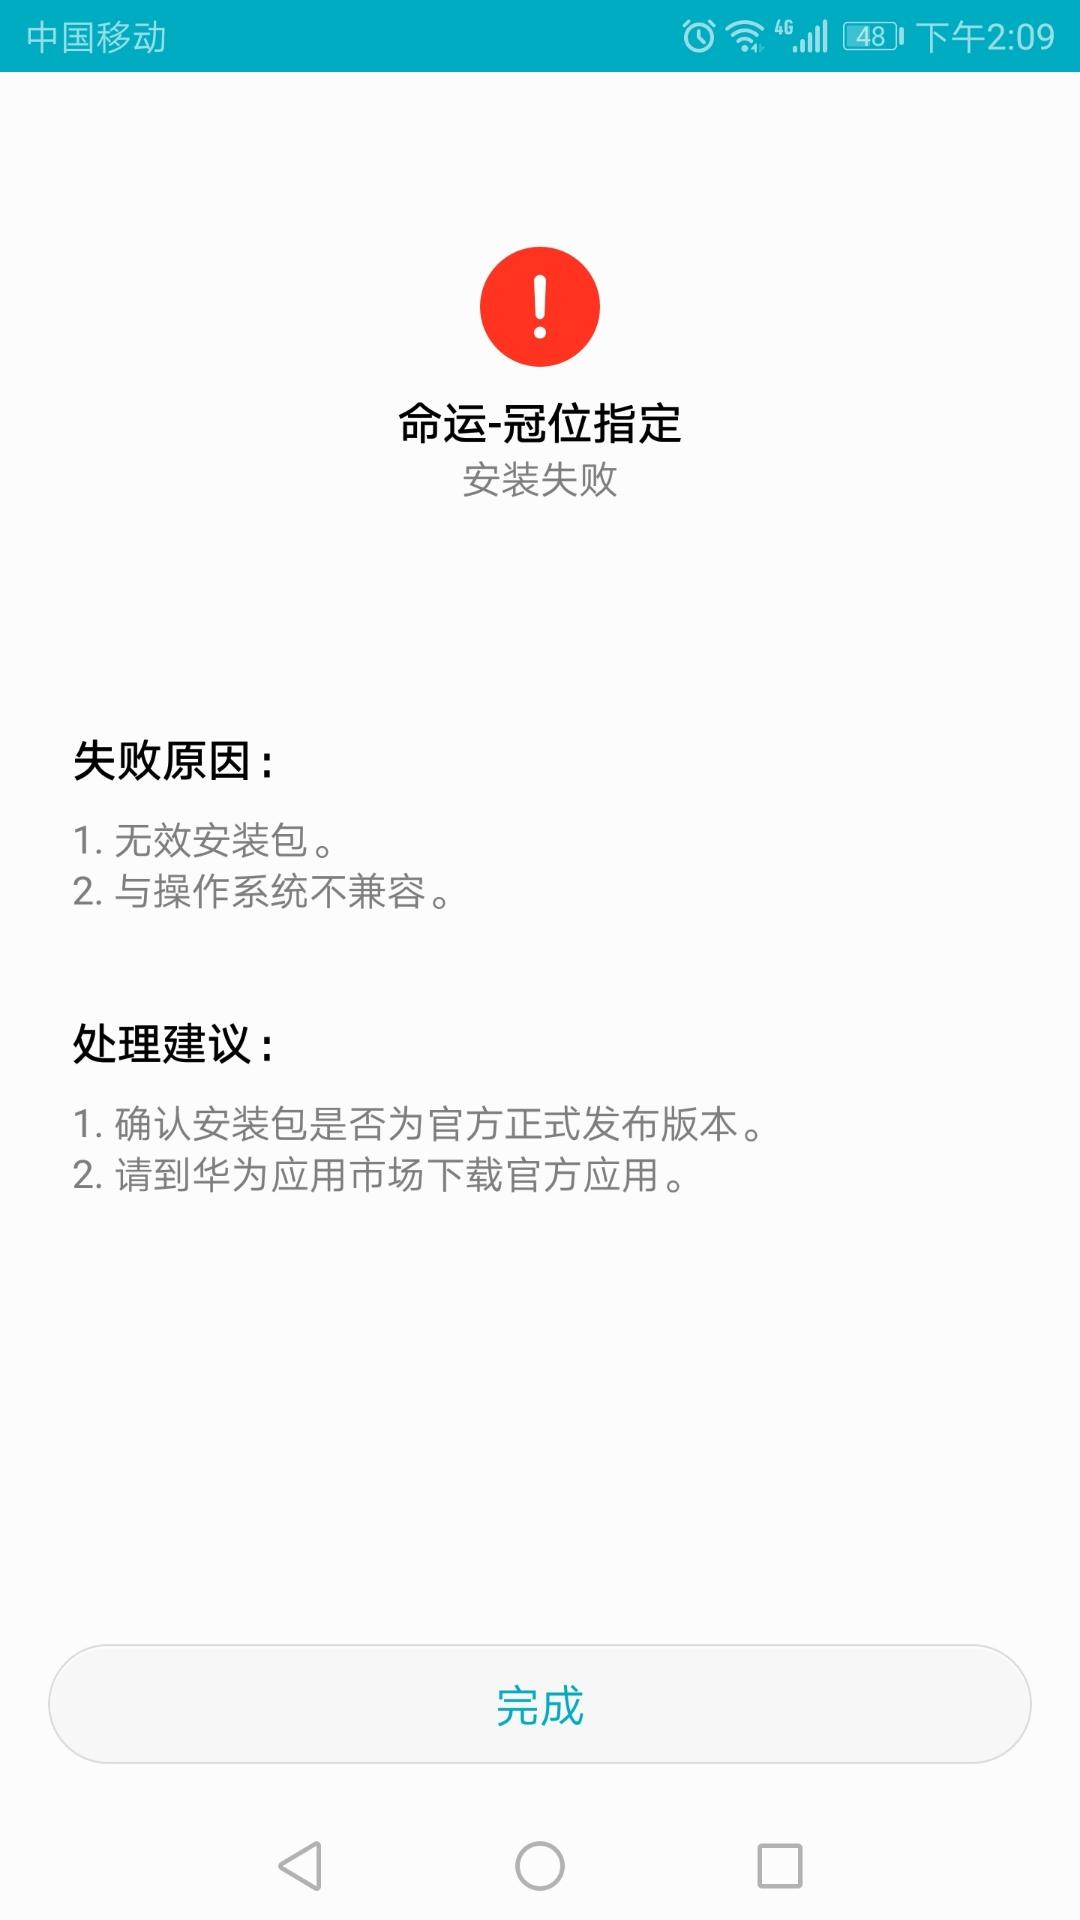 Screenshot_20200519-140928.jpg